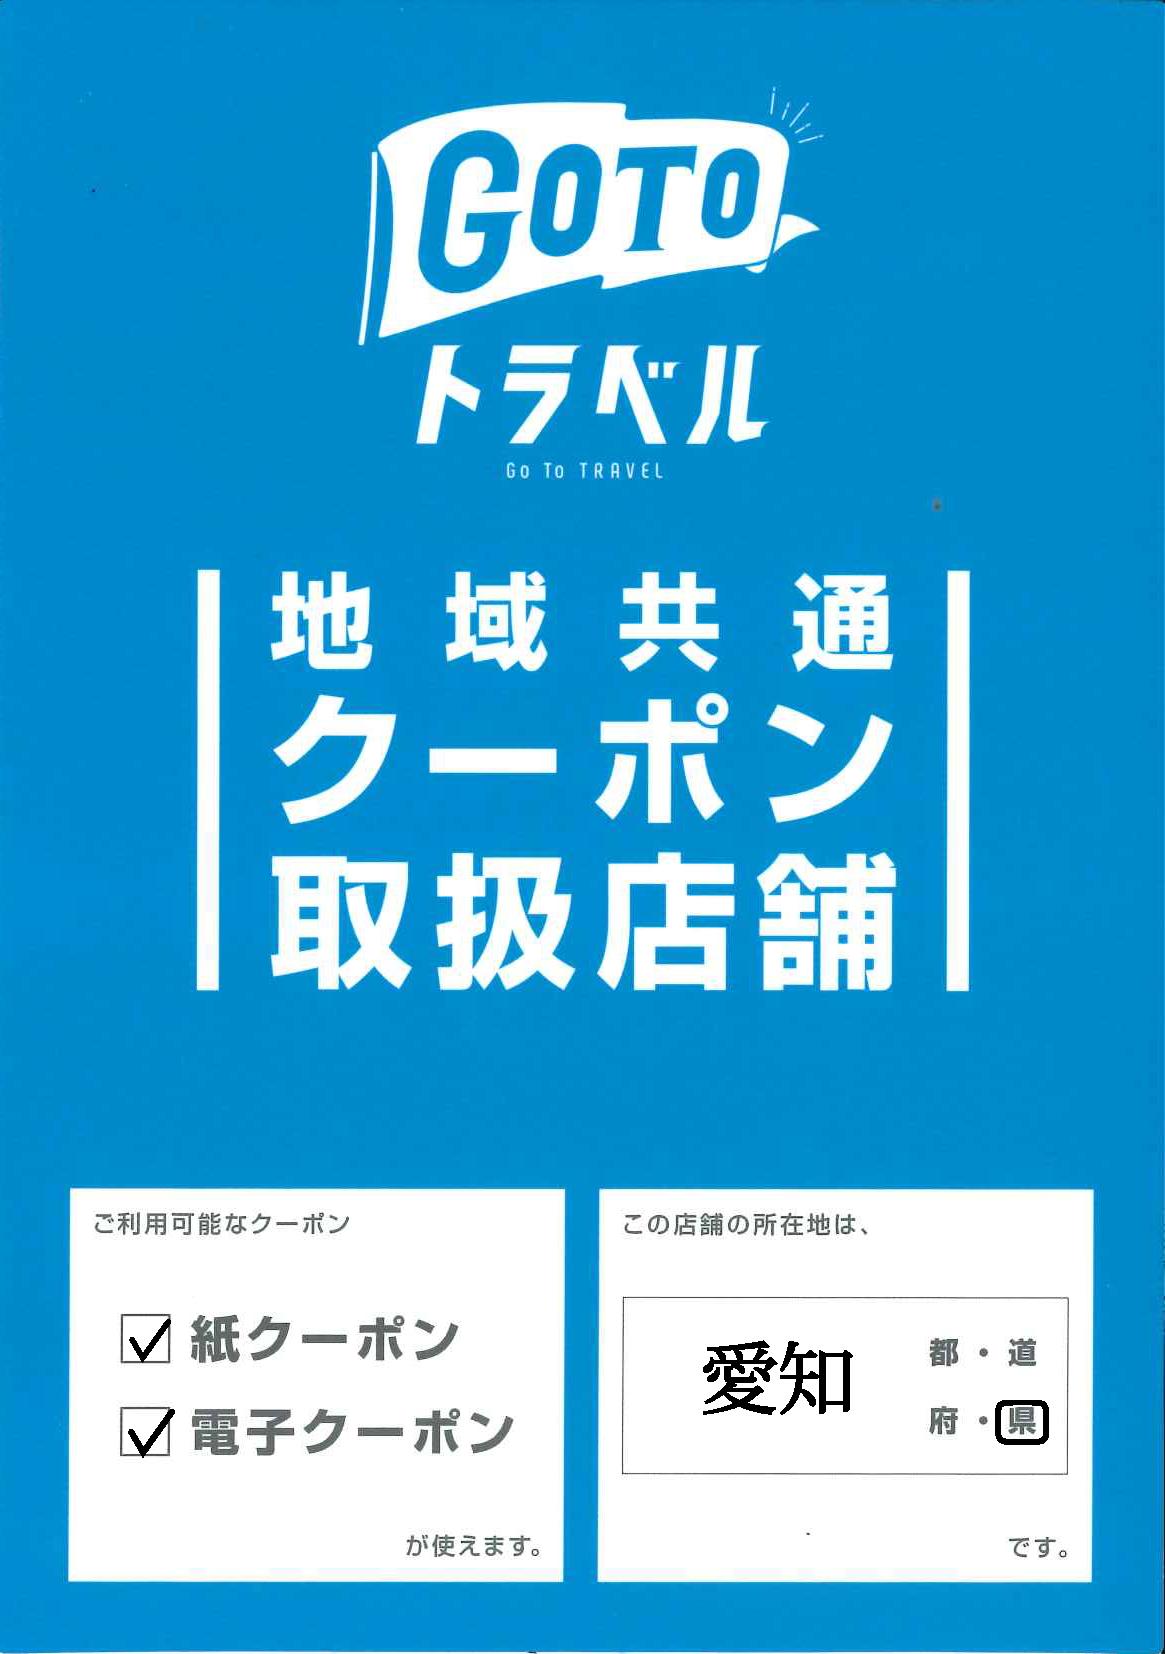 GoTo地域共通クーポン取扱店舗ポスター画像